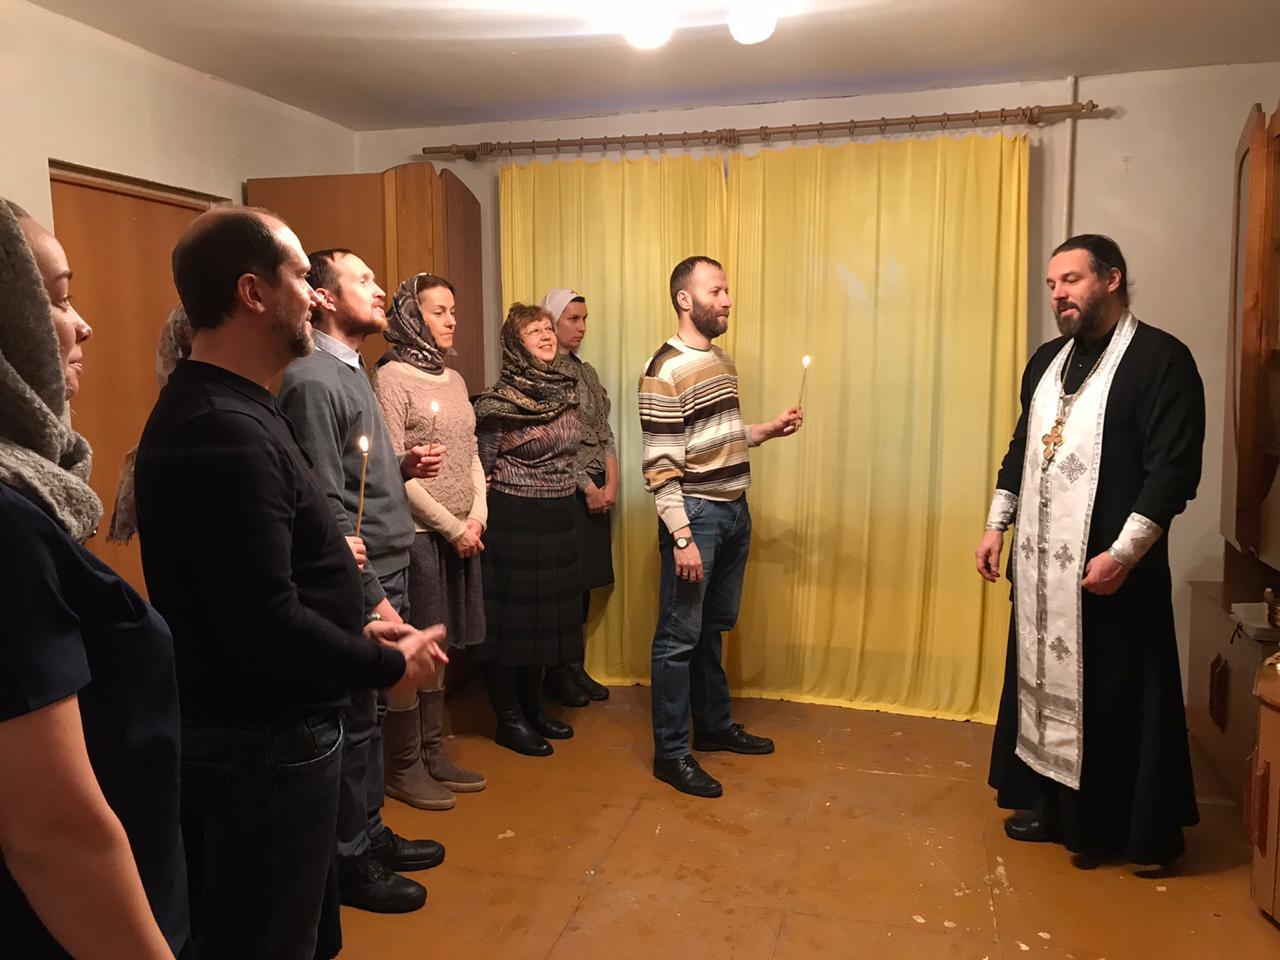 Руководитель отдела социального служения Екатеринбургской епархии протоиерей Евгений Попиченко отслужил молебен в адаптационной квартире для бездомных